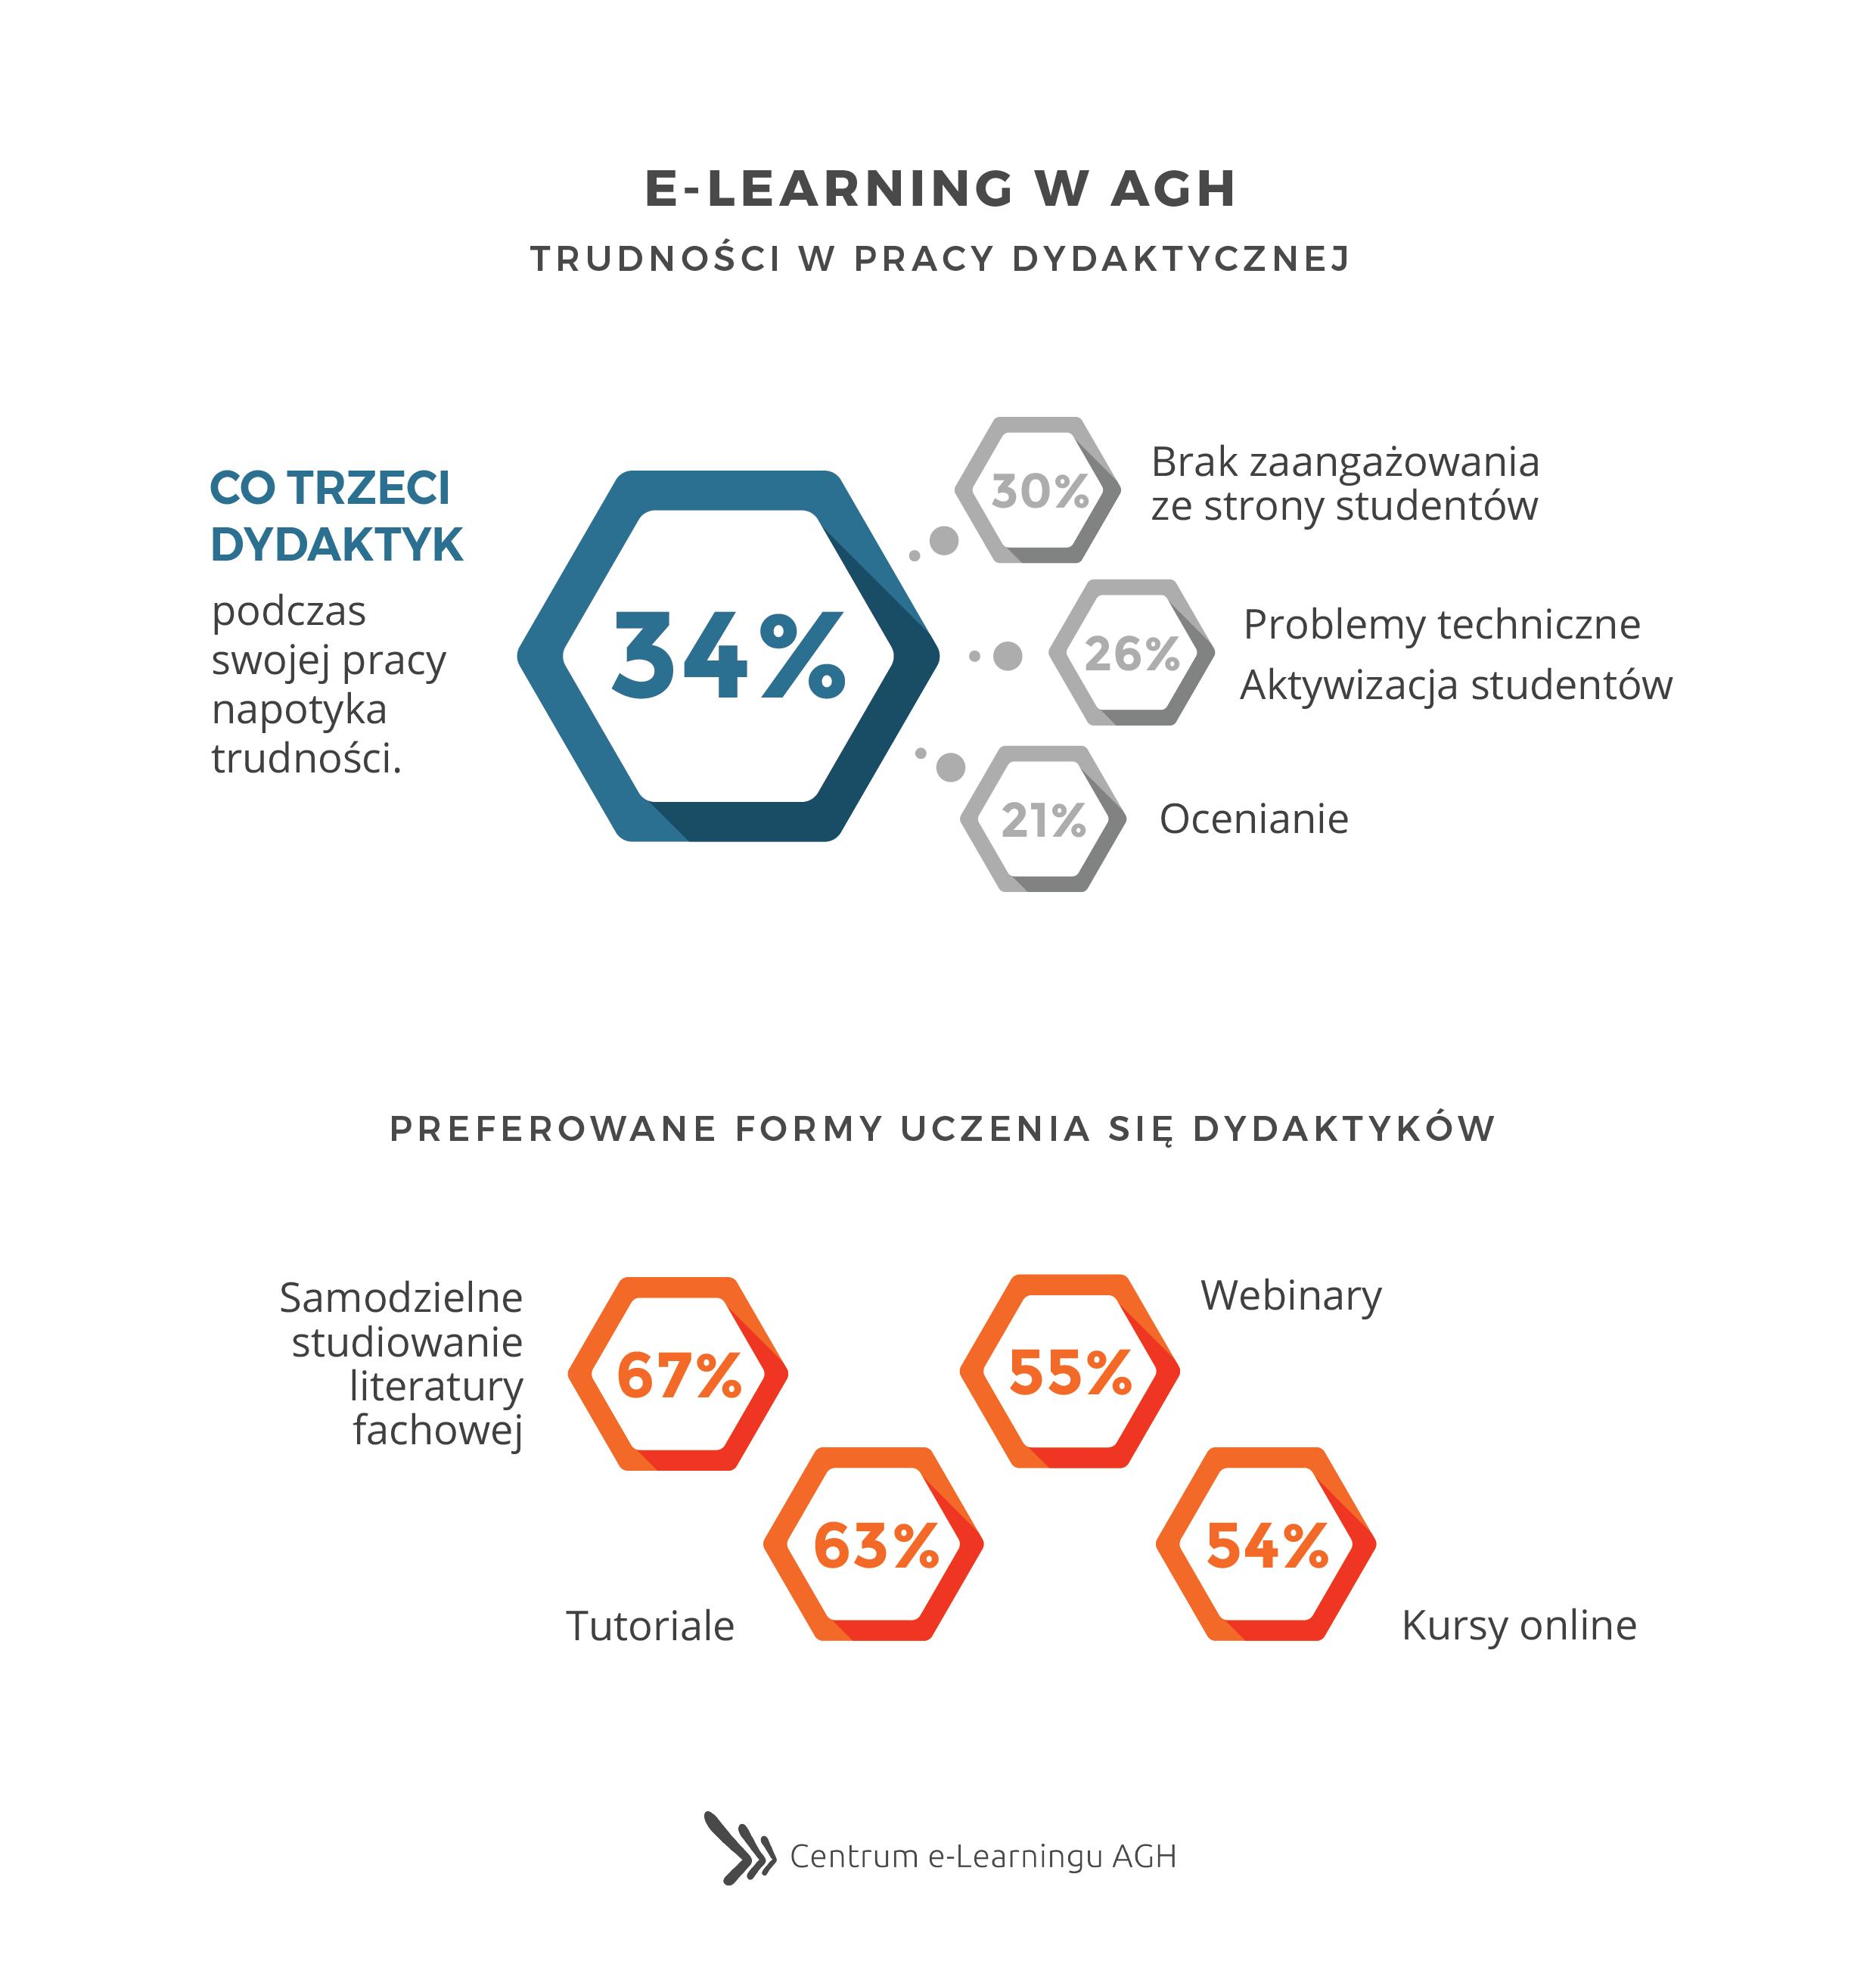 e-Learning w AGH - Trudności w pracy dydaktycznej oraz Preferowane formy uczenia się dydaktyków